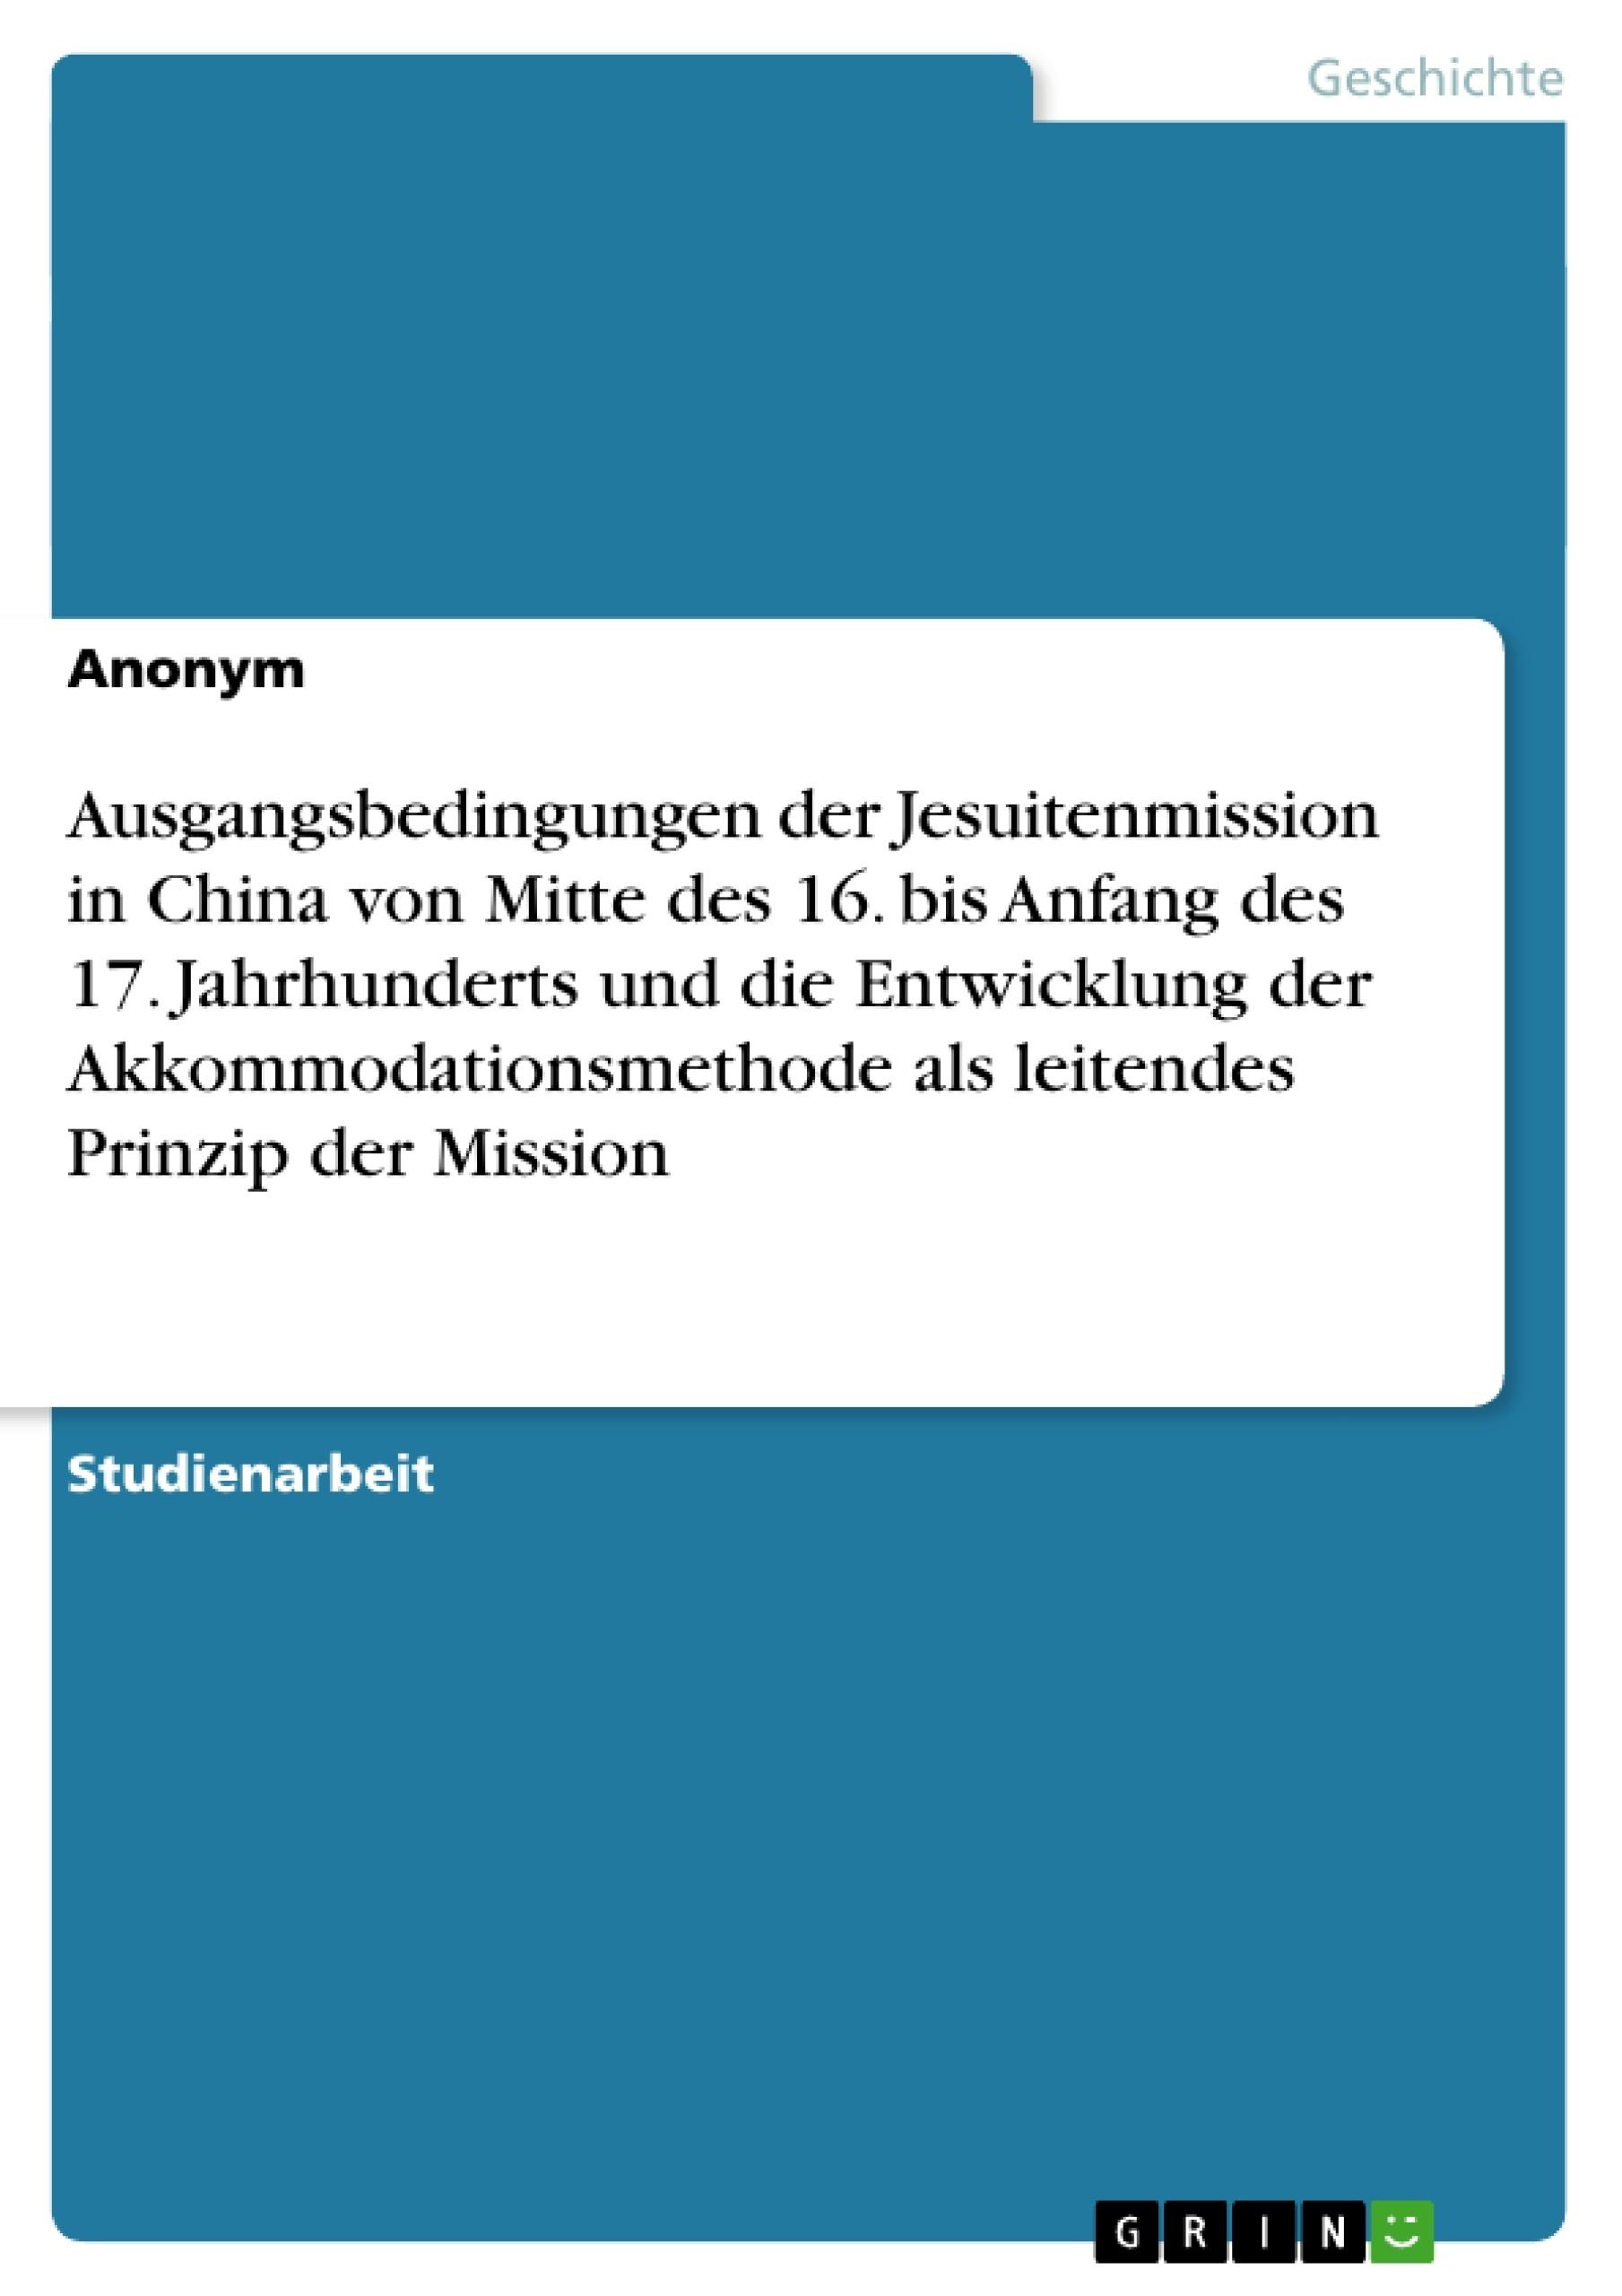 Titel: Ausgangsbedingungen der Jesuitenmission in China von Mitte des 16. bis Anfang des 17. Jahrhunderts und die Entwicklung der Akkommodationsmethode als leitendes Prinzip der Mission